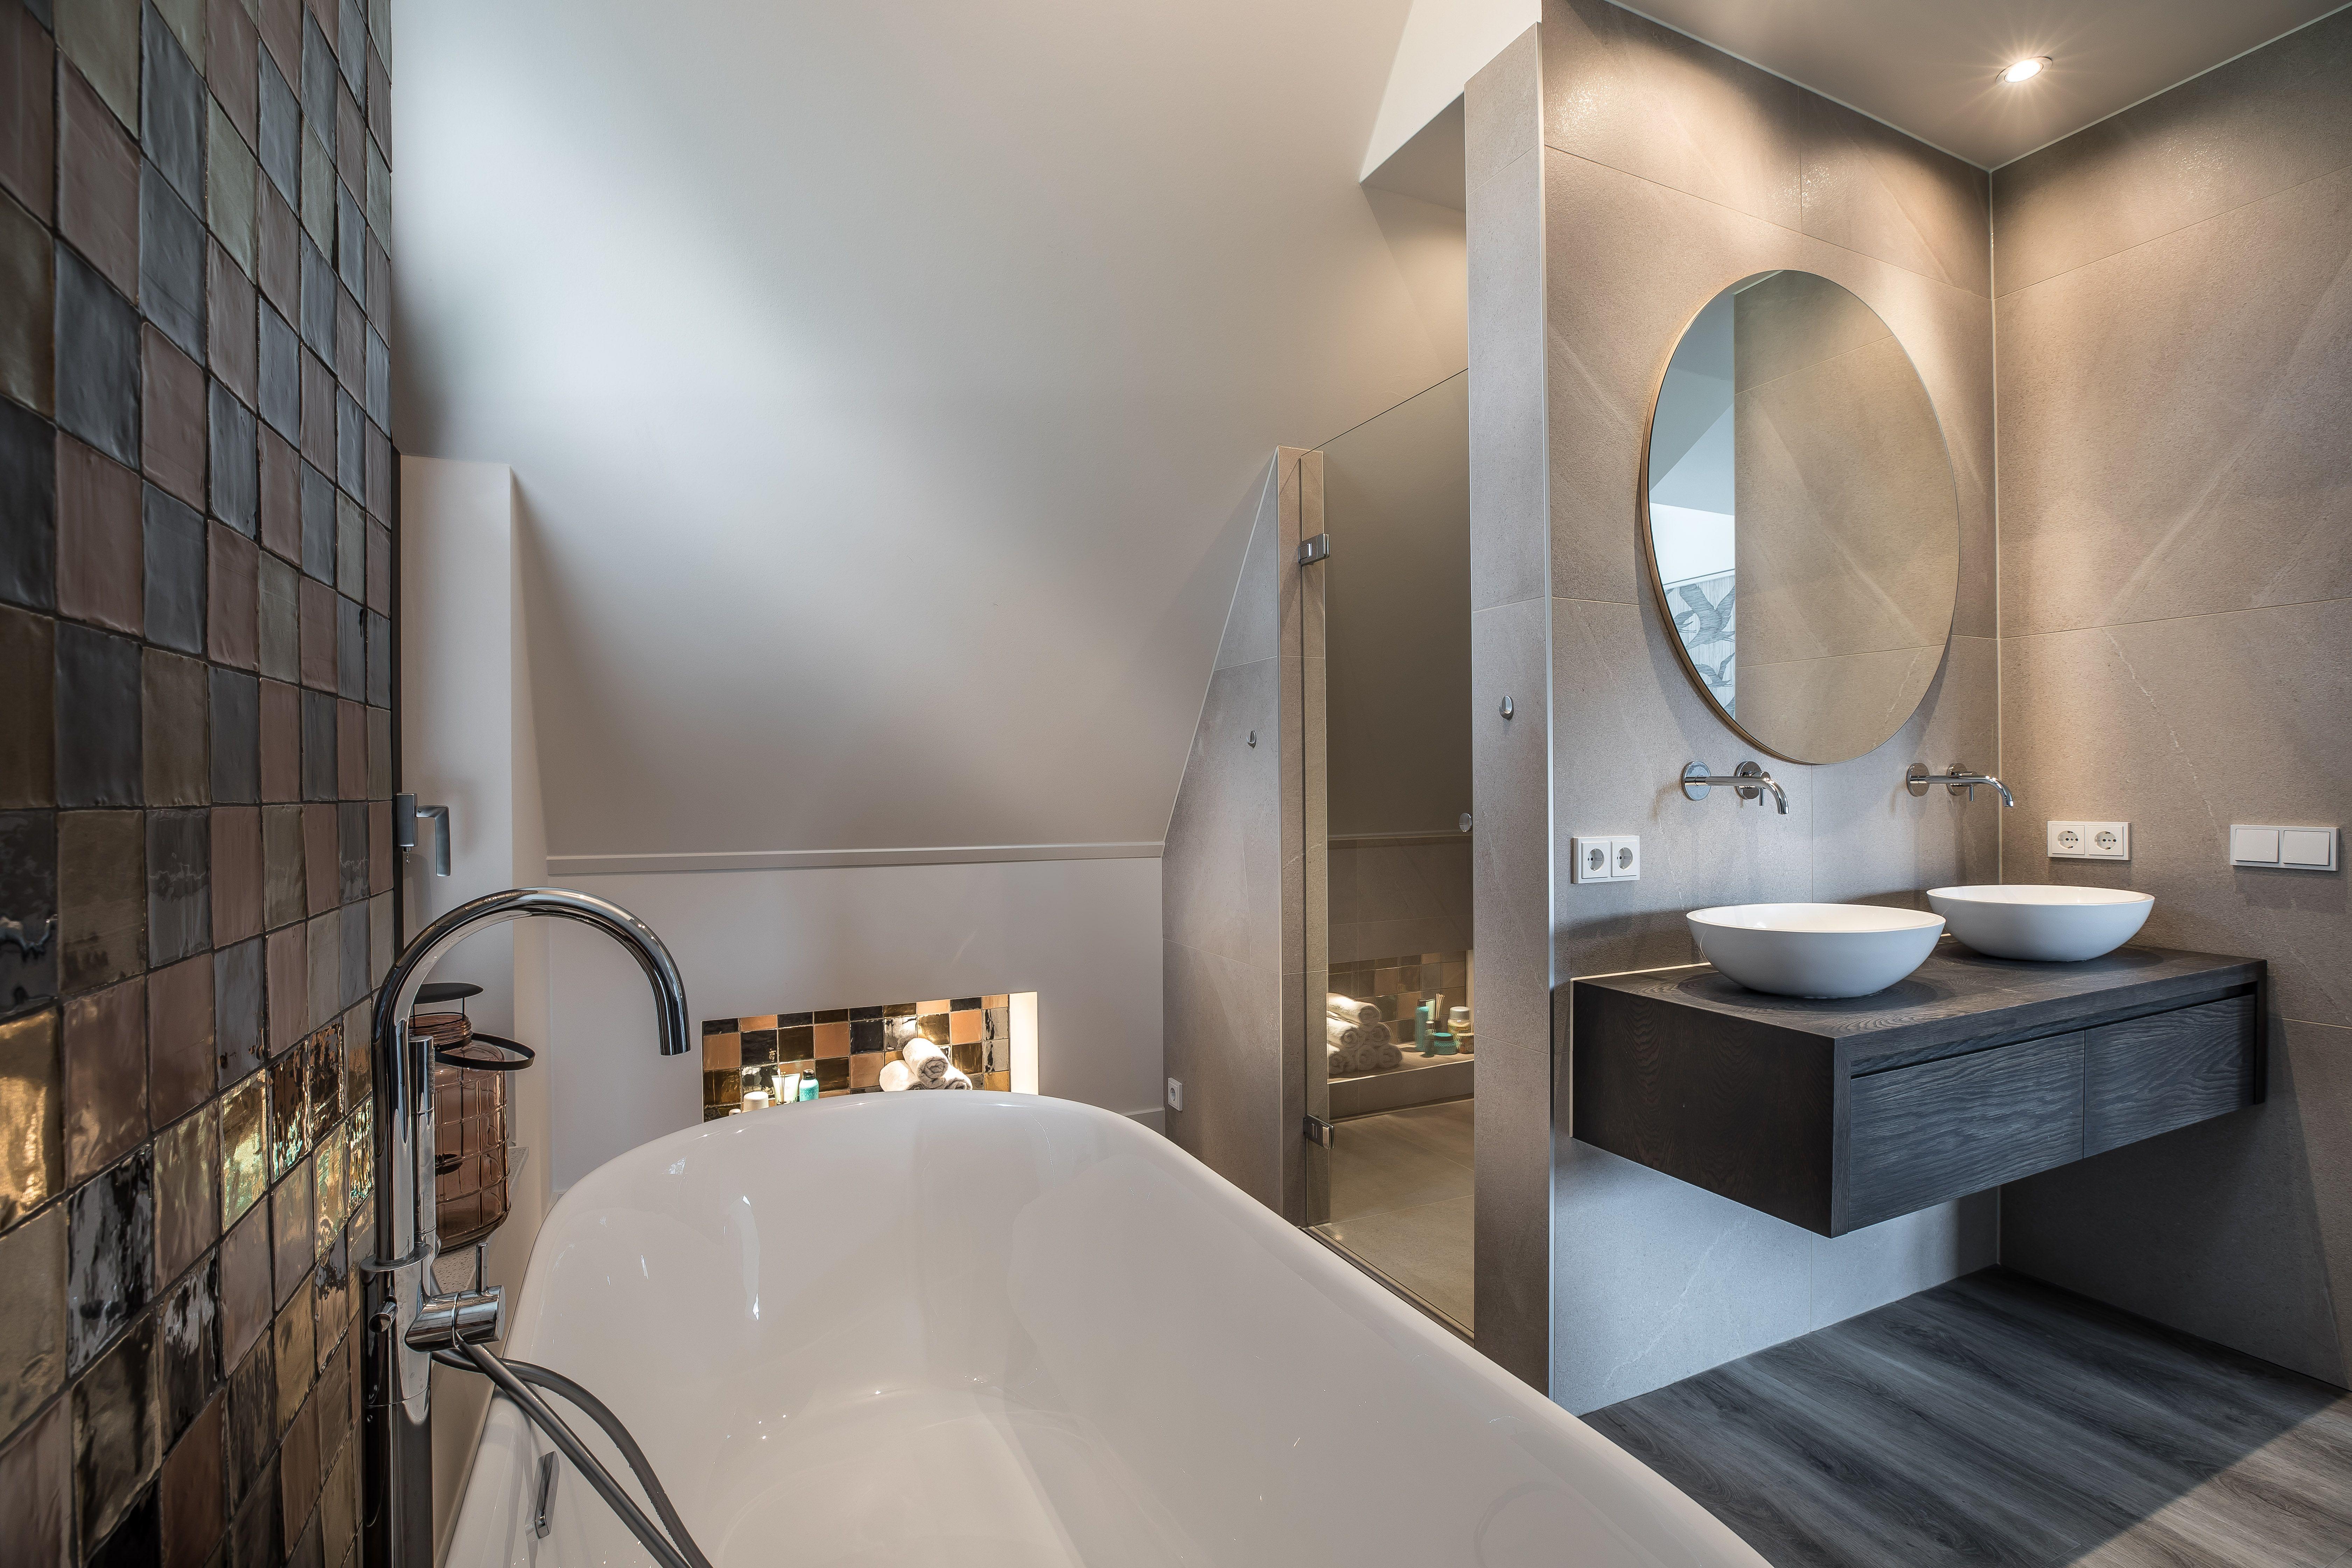 Natuursteentotaalbv moderne badkamer met natuurlijke tinten op